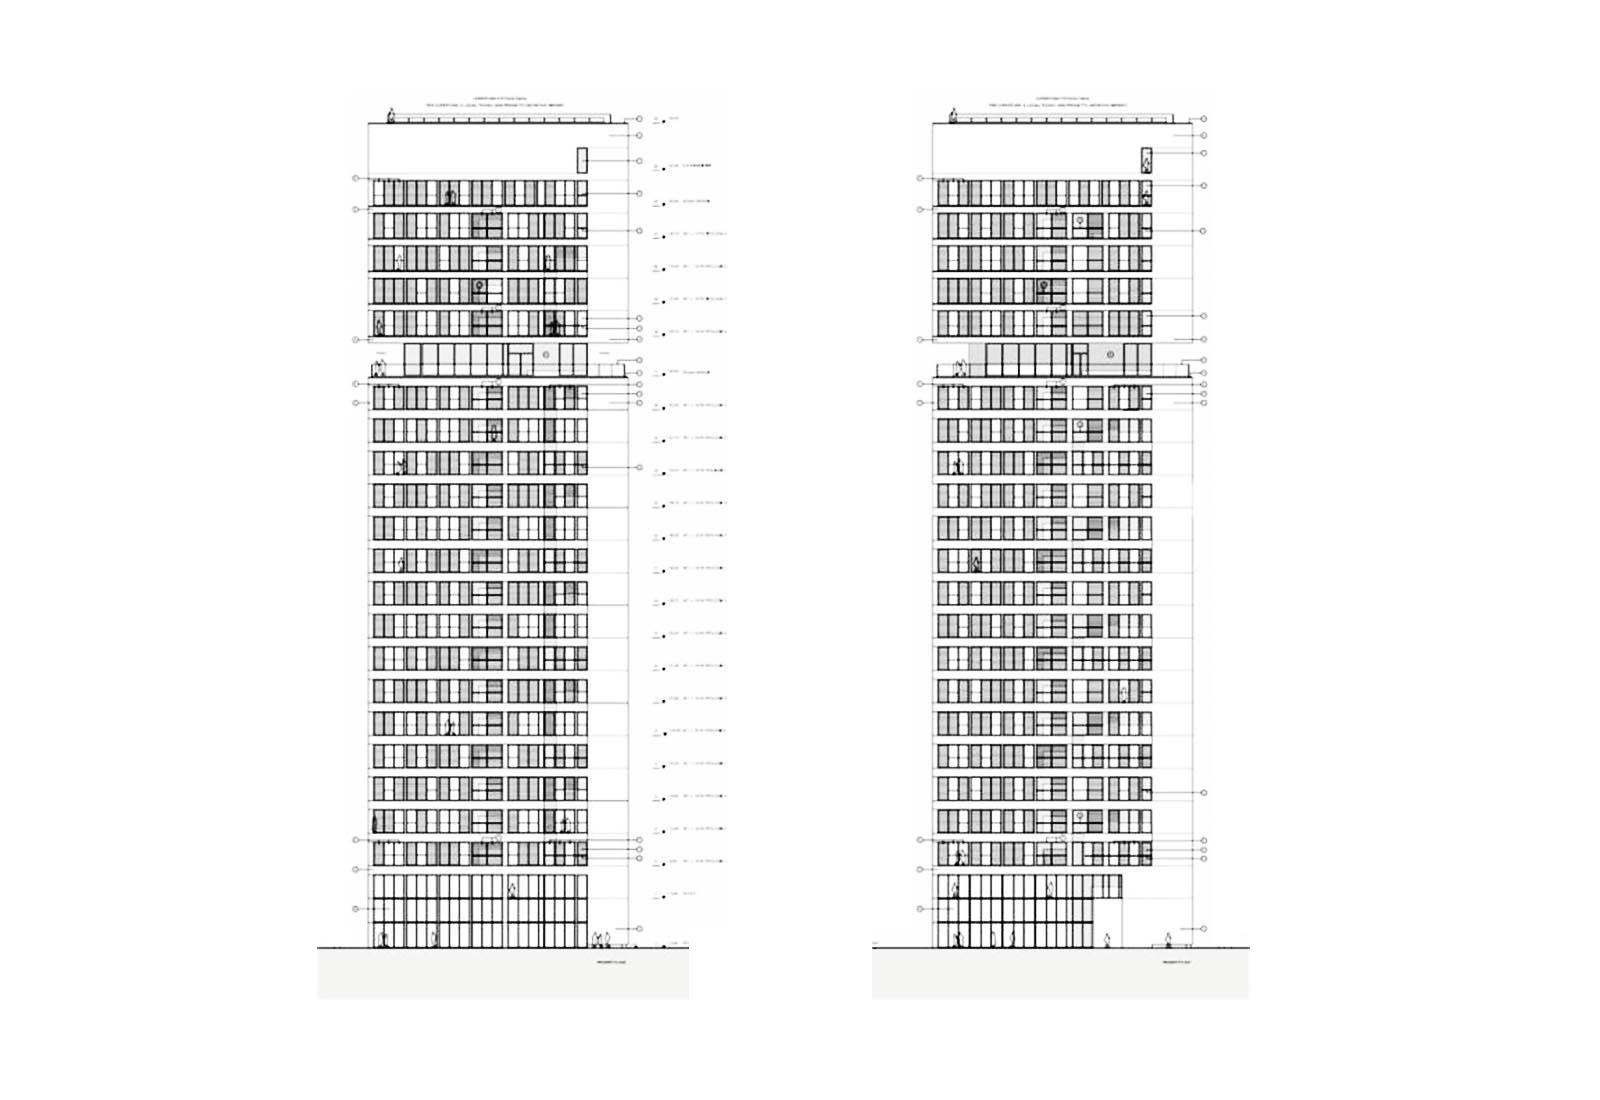 Edificio a torre dell'Università Bocconi a Milano - Prospetti